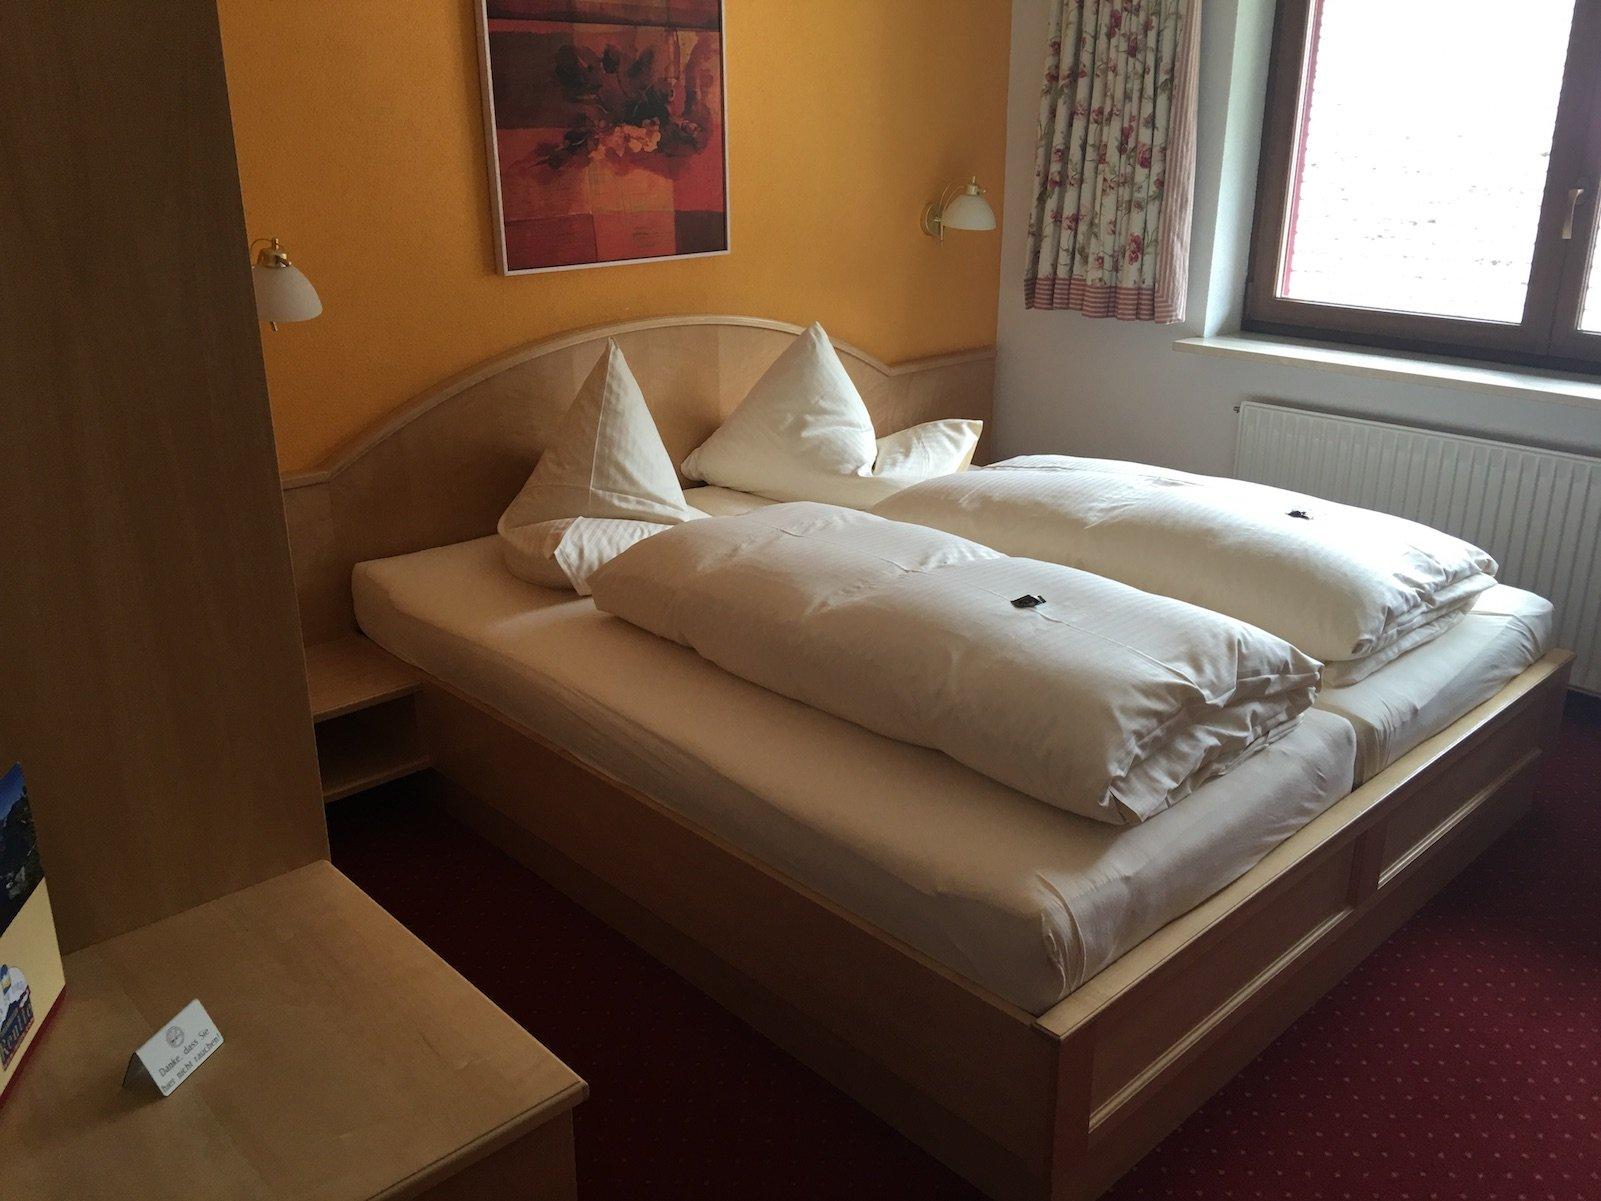 Mein Bett im Hotel Landgasthof Lilie Höfen